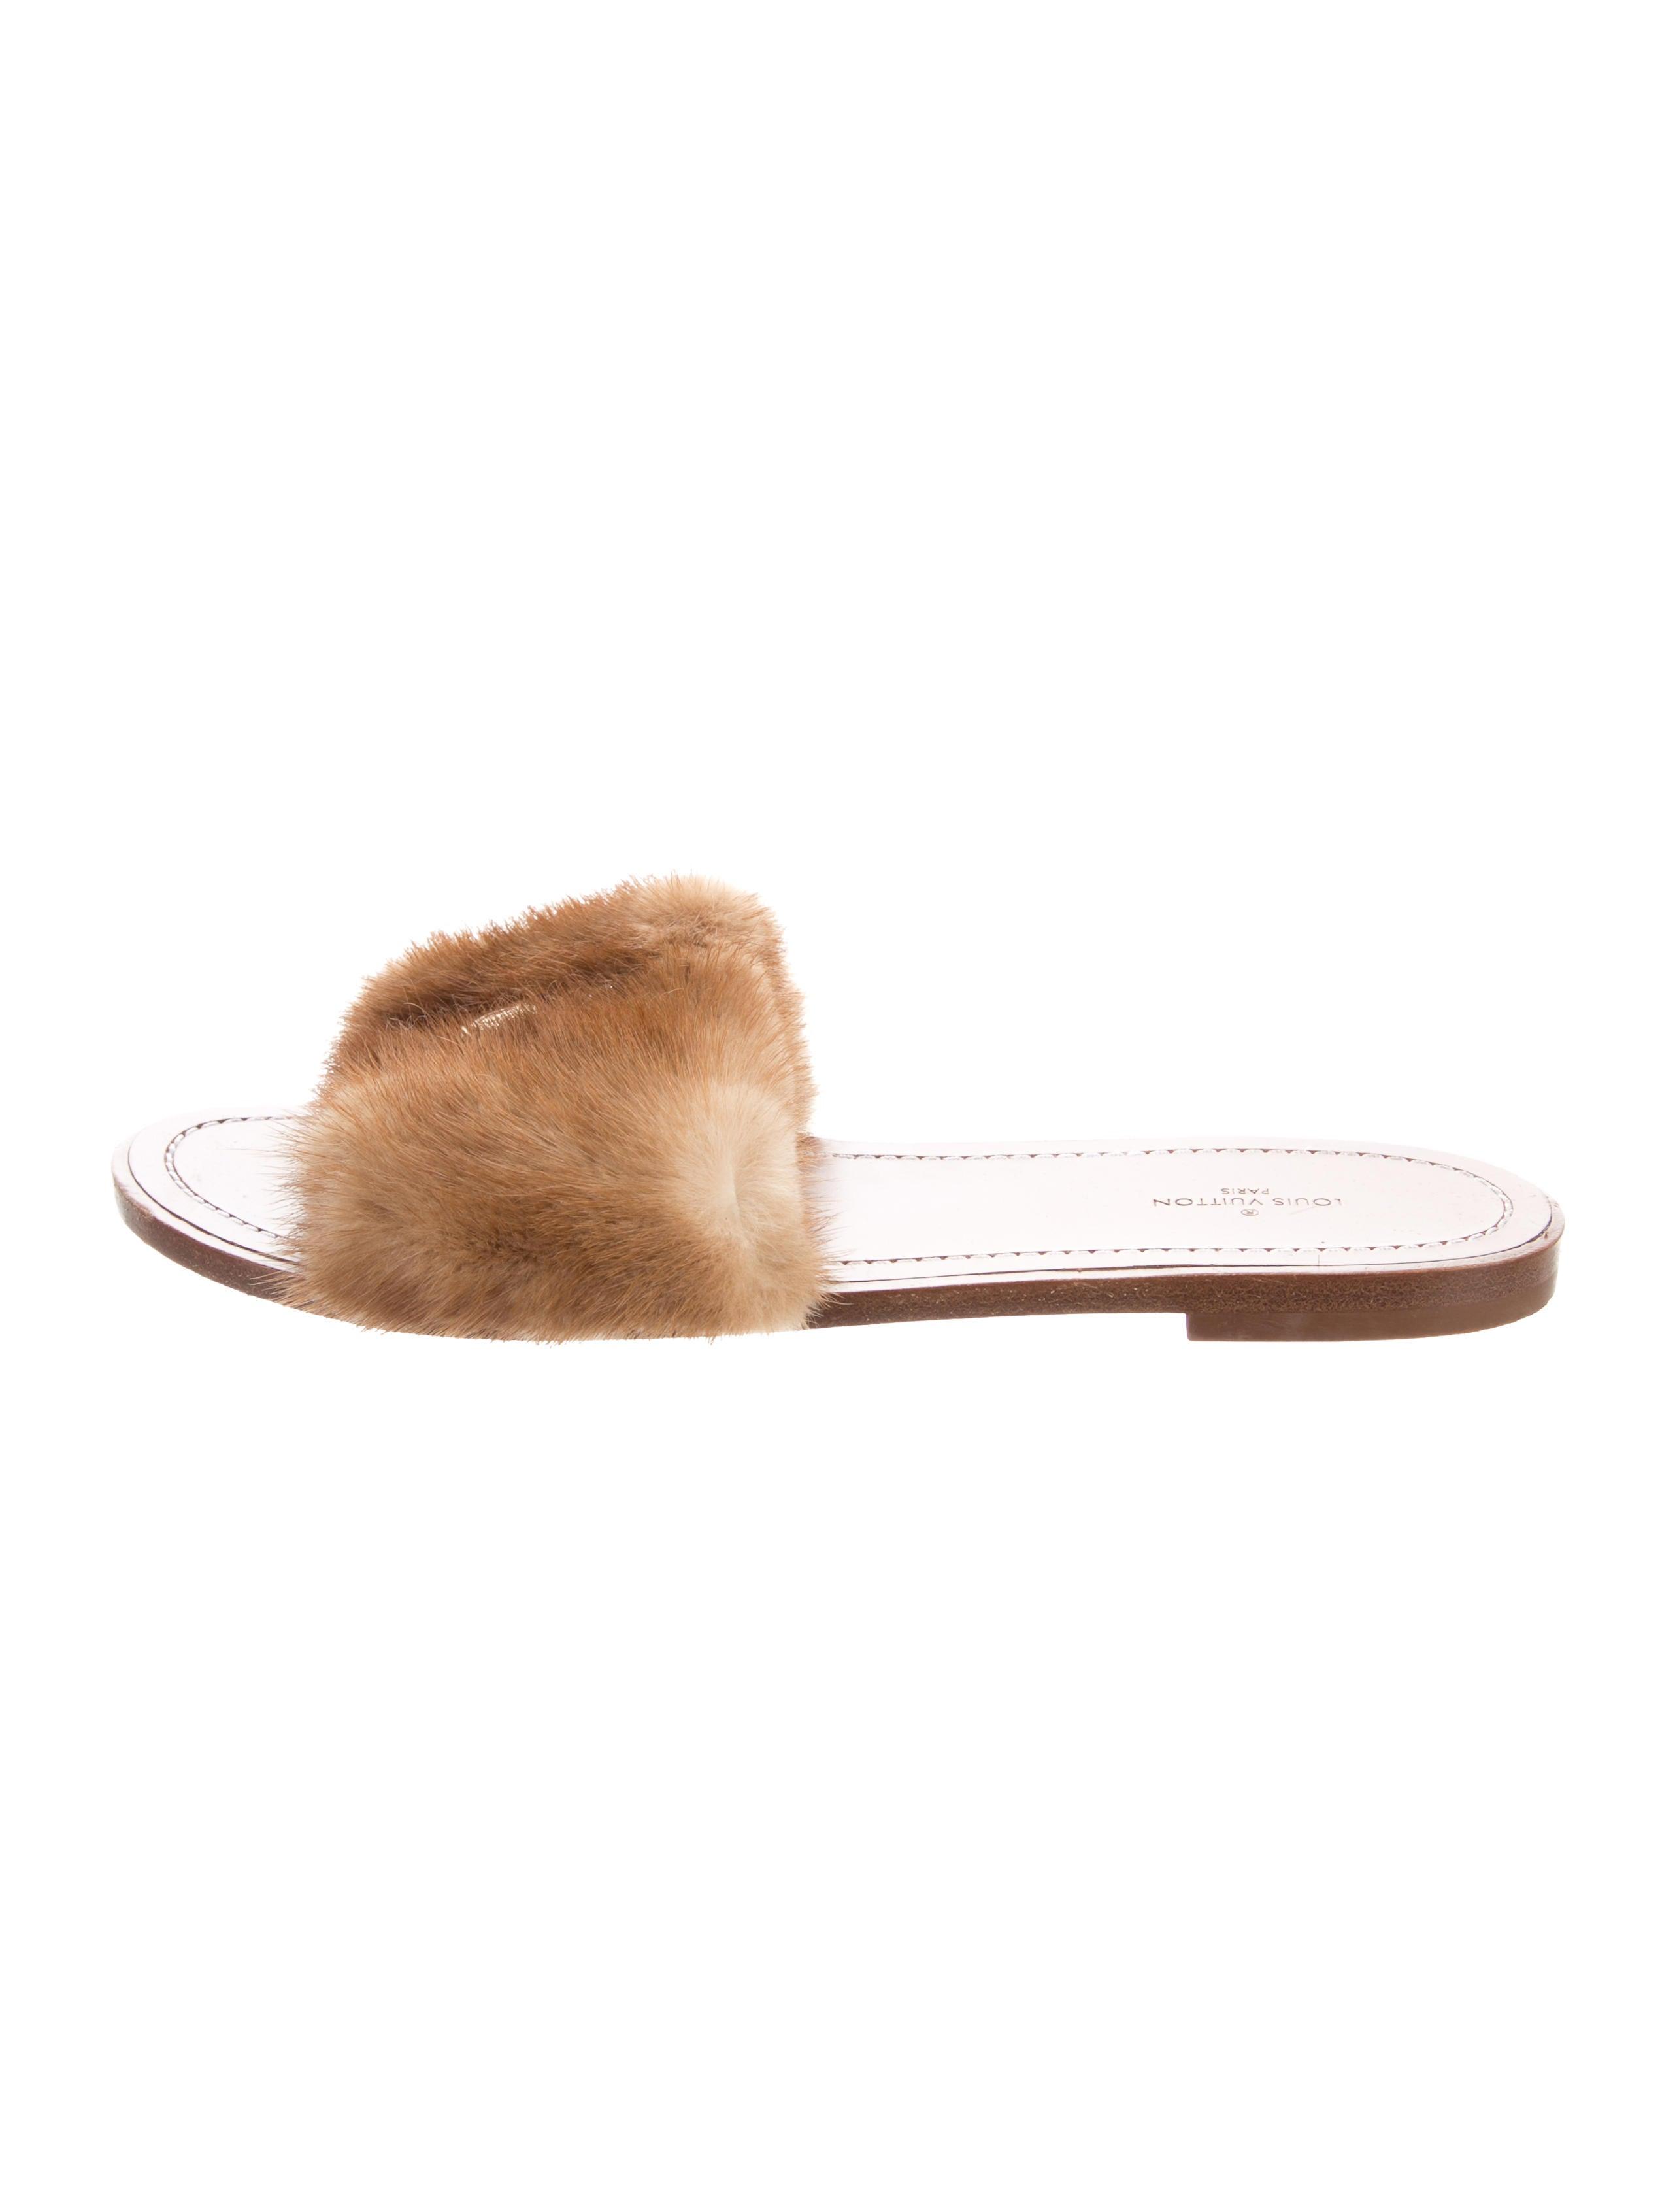 b7f9d0d0d2d4 Louis Vuitton Lock It Mink Fur Slide Sandals - Shoes - LOU152927 ...